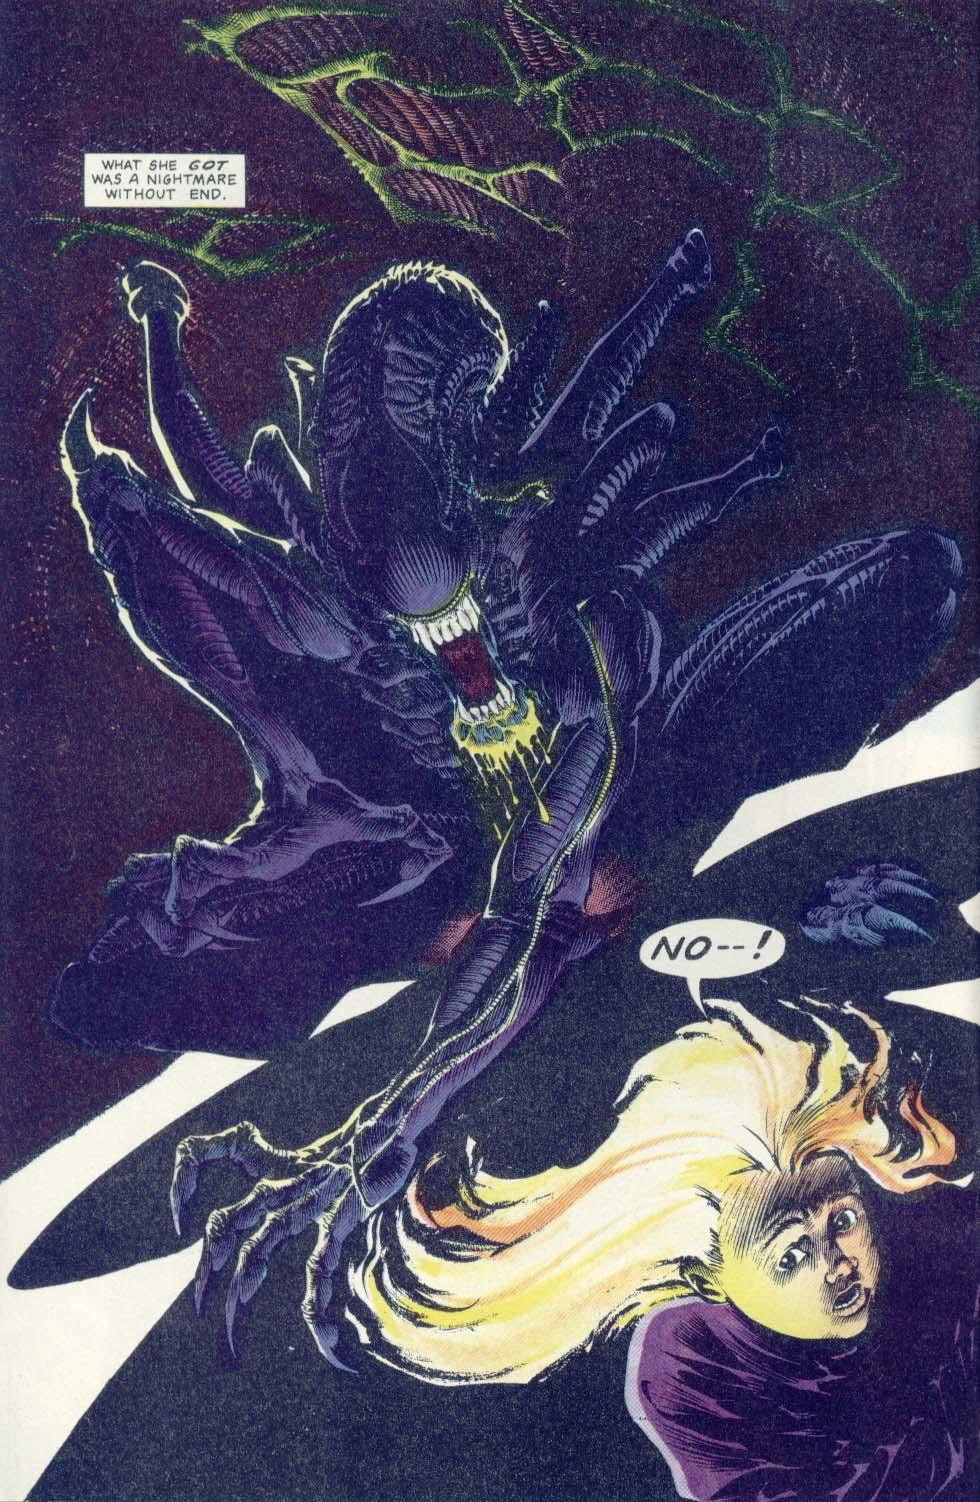 Read online Aliens: Earth War comic -  Issue #1 - 4